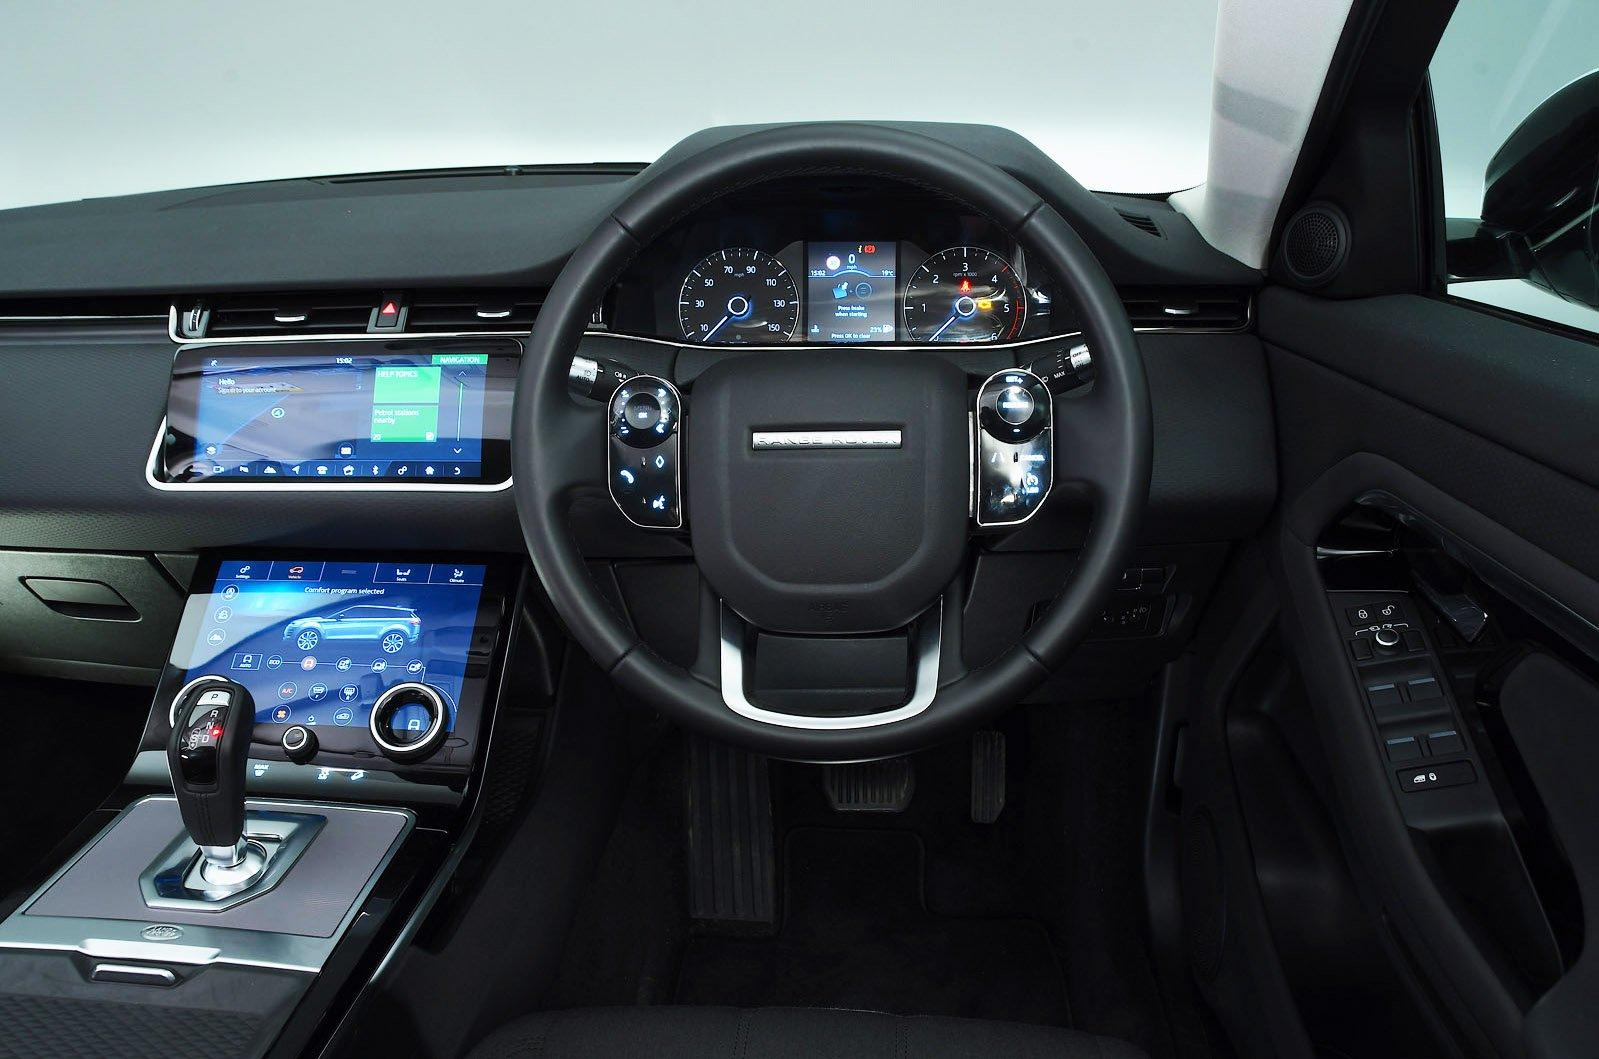 Range Rover Evoque 2020 dashboard